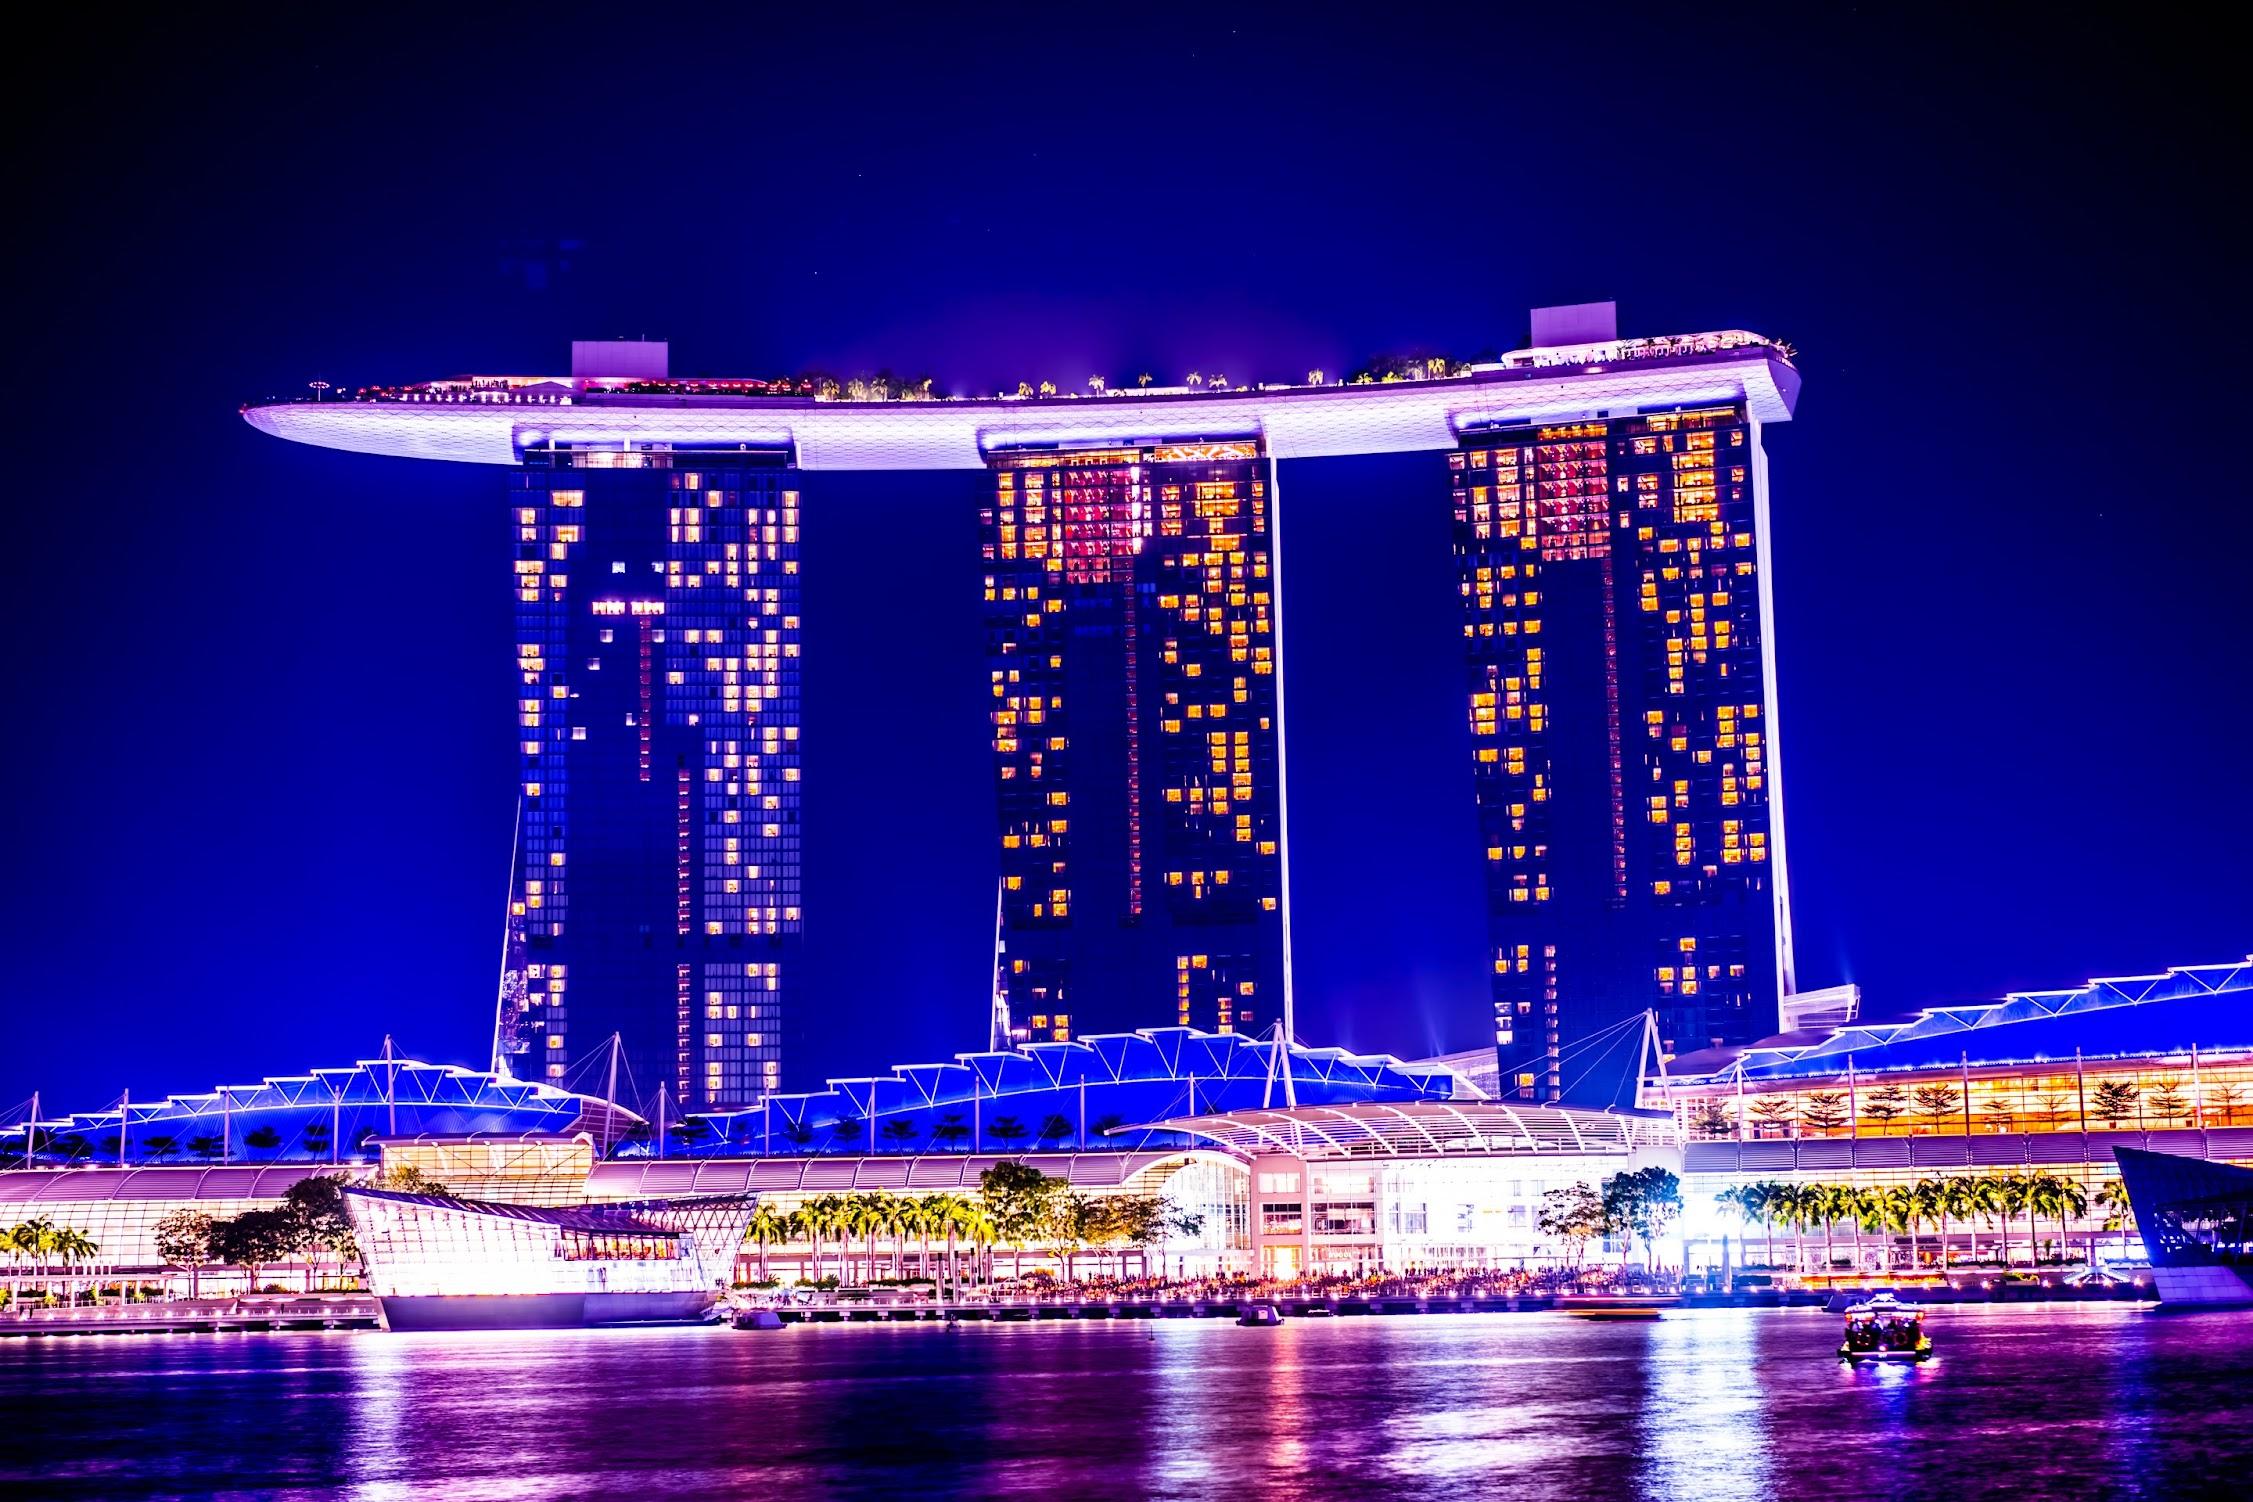 シンガポール マリーナ・ベイ・サンズ 夜景4